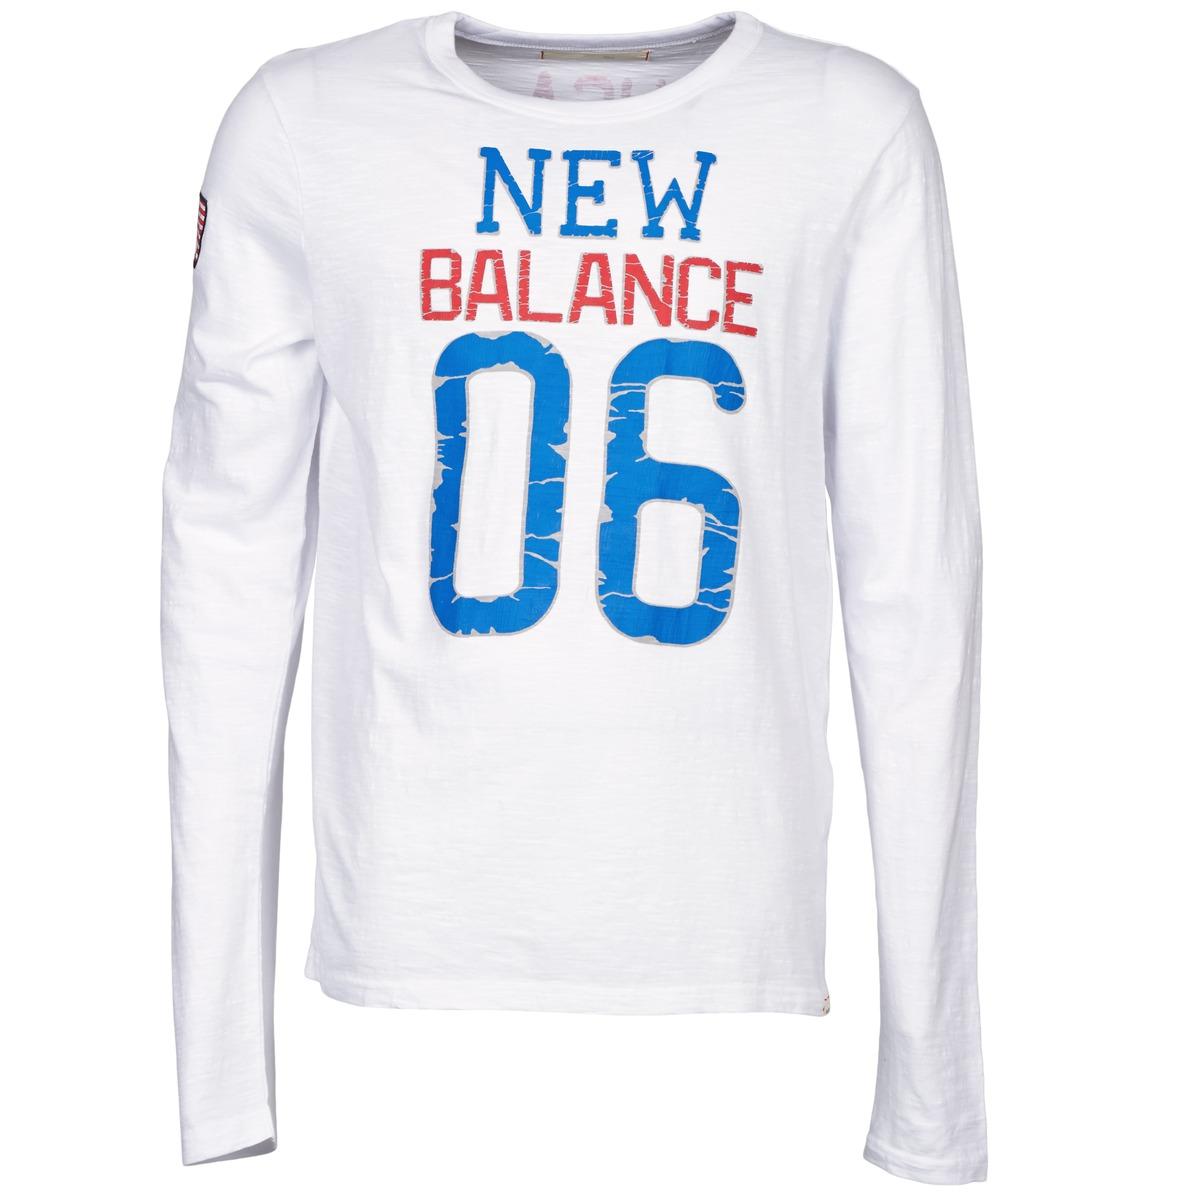 New Balance NBSS1404 GRAPHIC LONG SLEEVE TEE Blanc